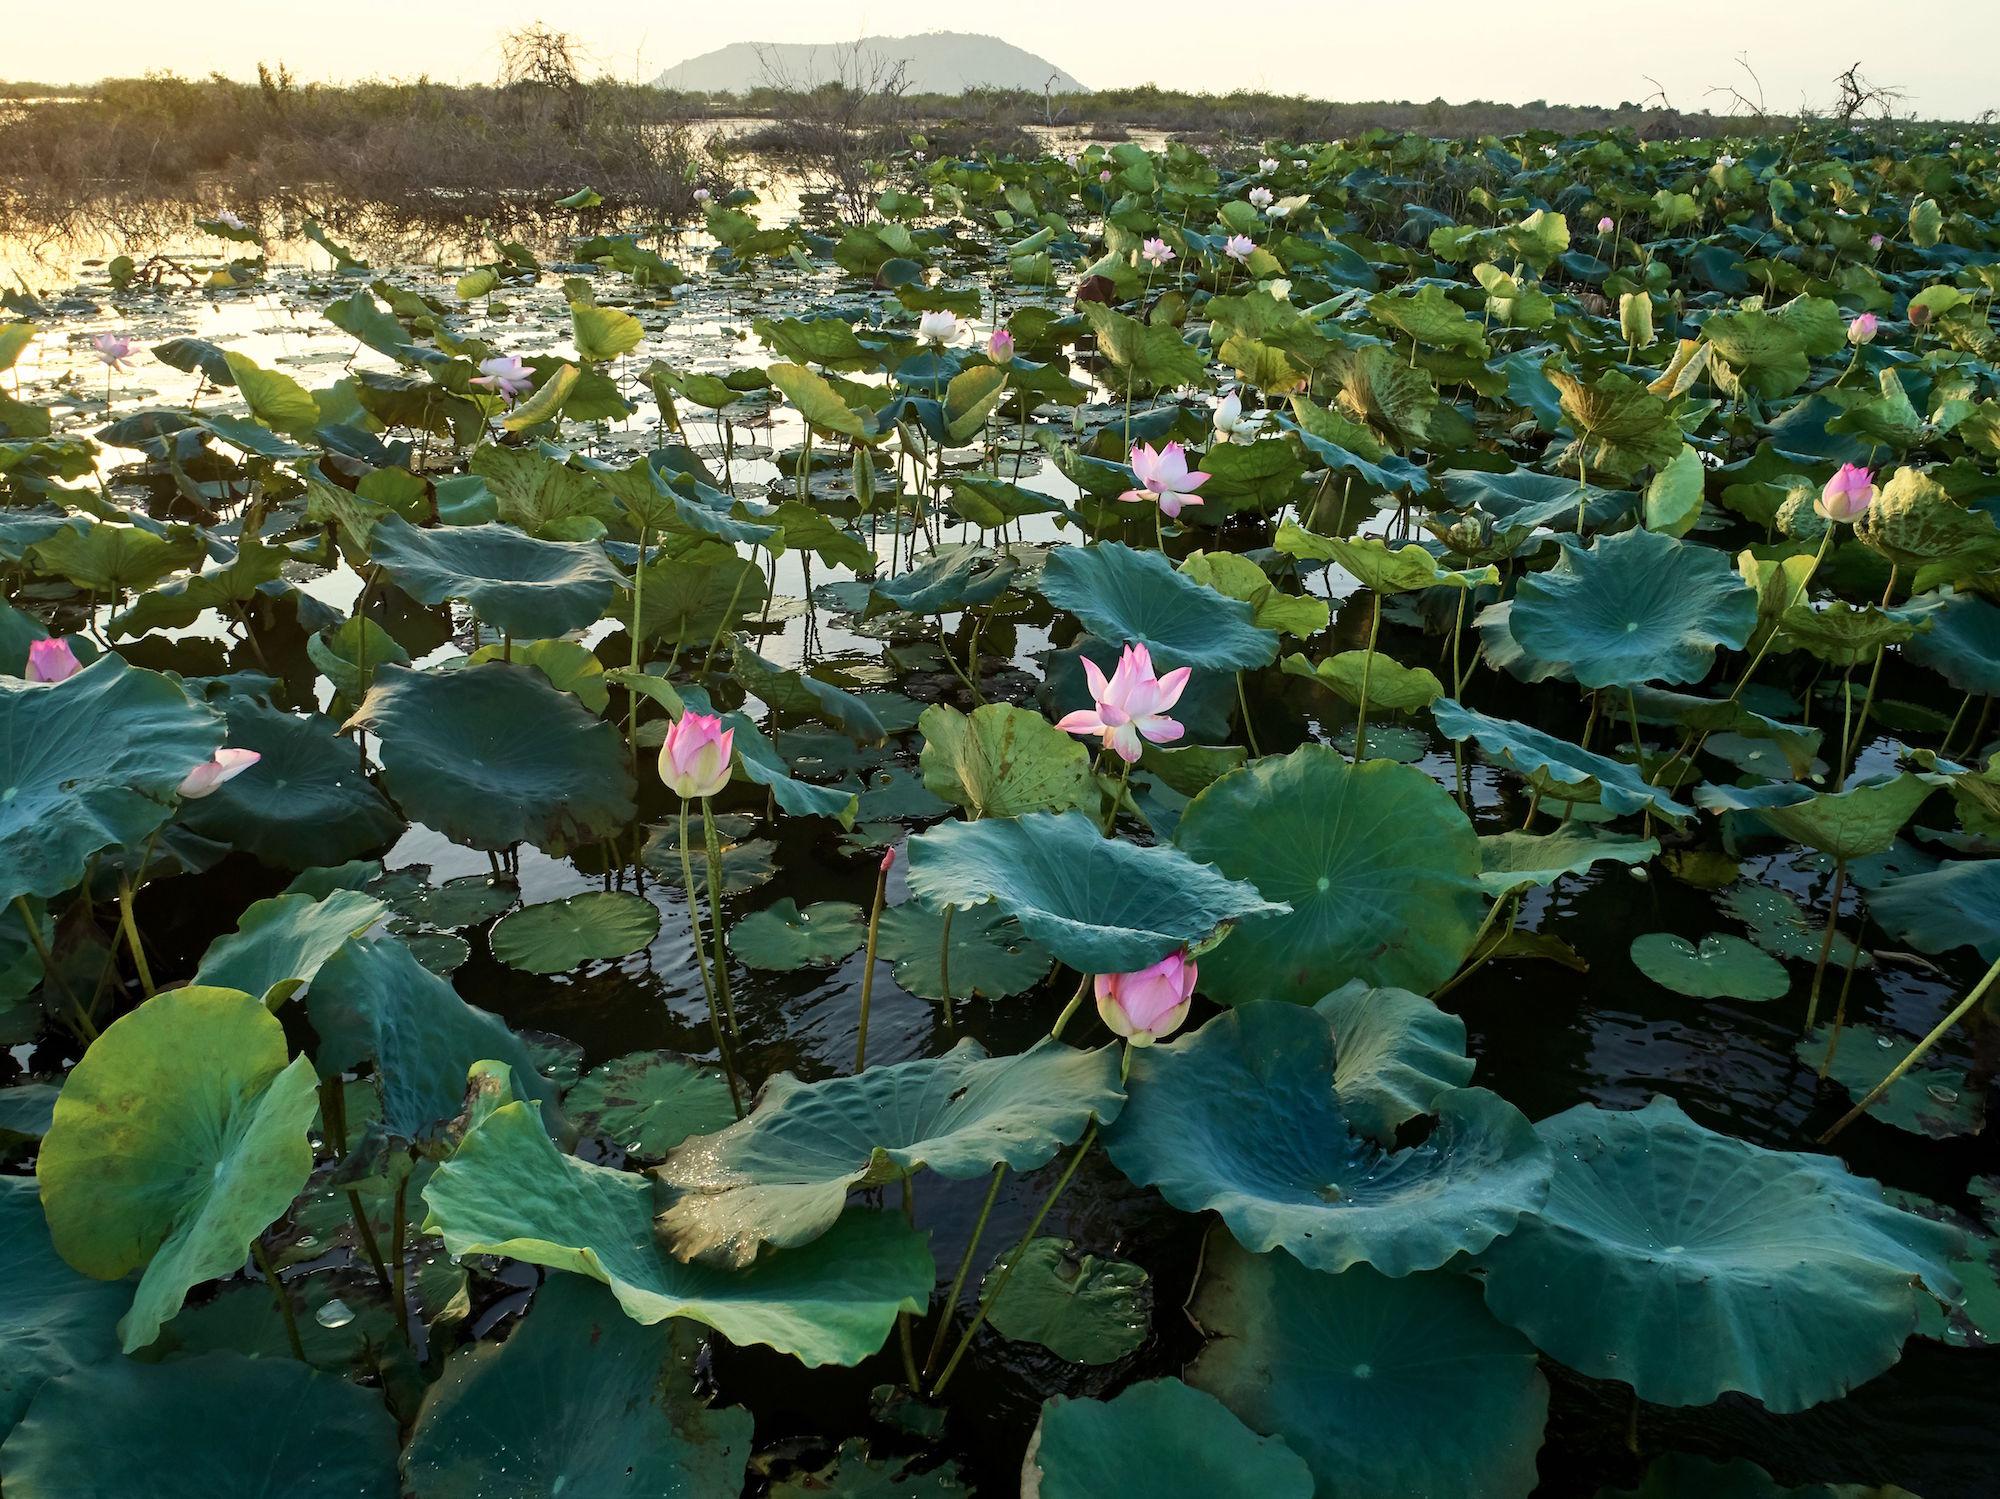 Cambodia_DJI_Drone_G2_0013